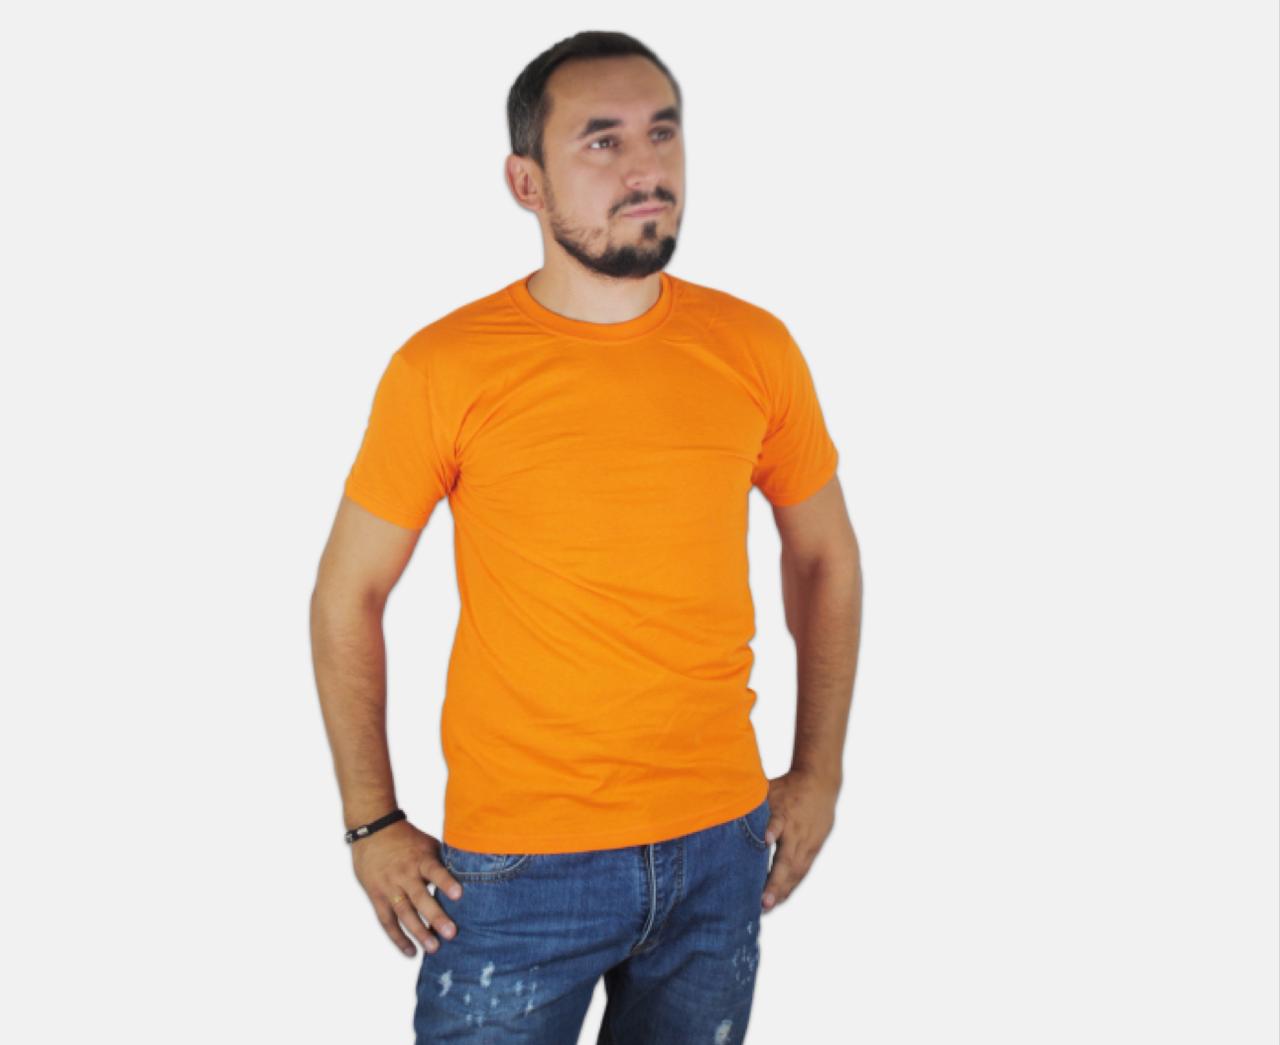 Мужская Футболка Классическая Fruit of the loom Оранжевый 61-036-44 Xxl